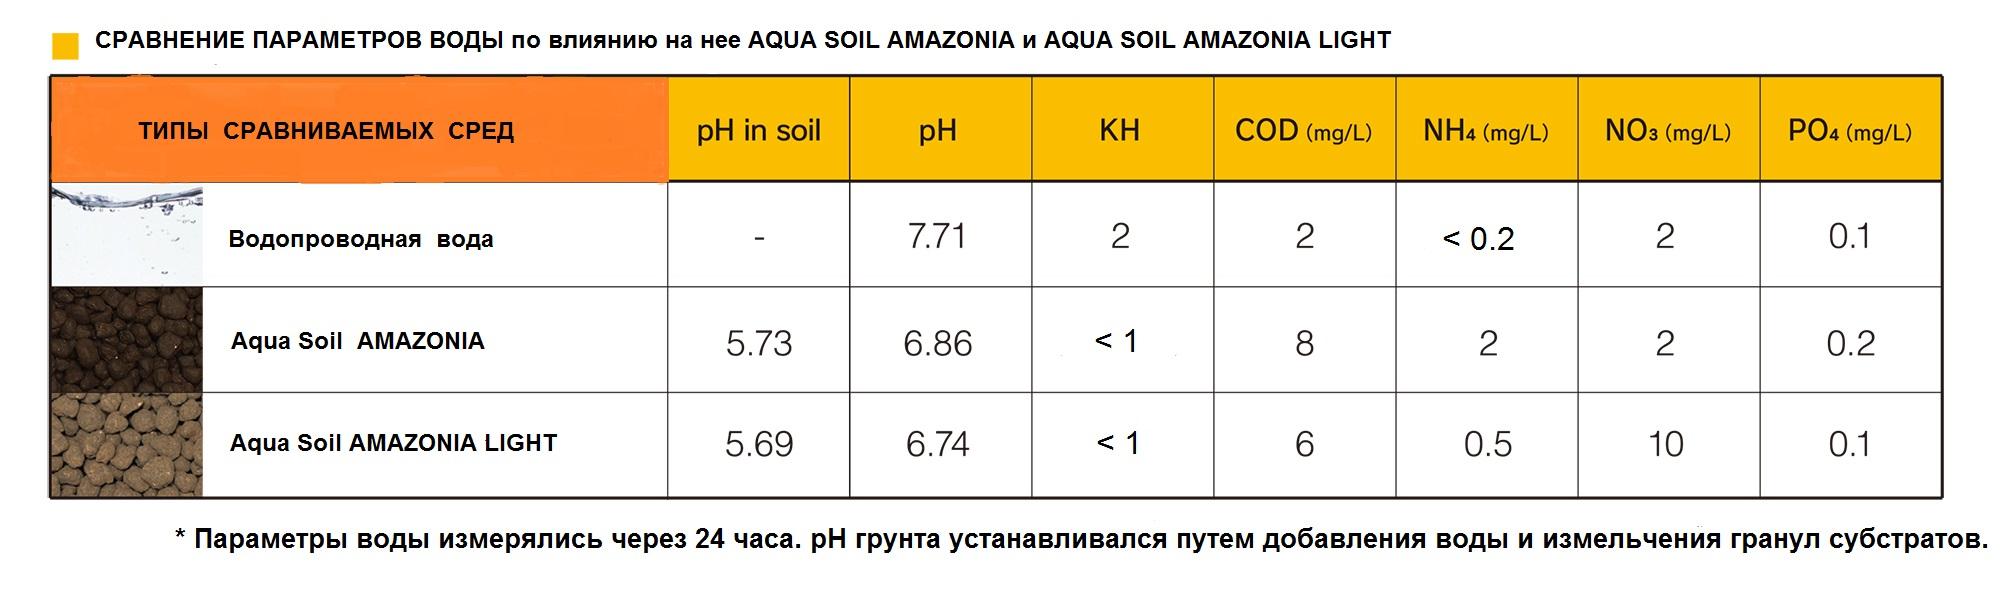 amazonialight_compare